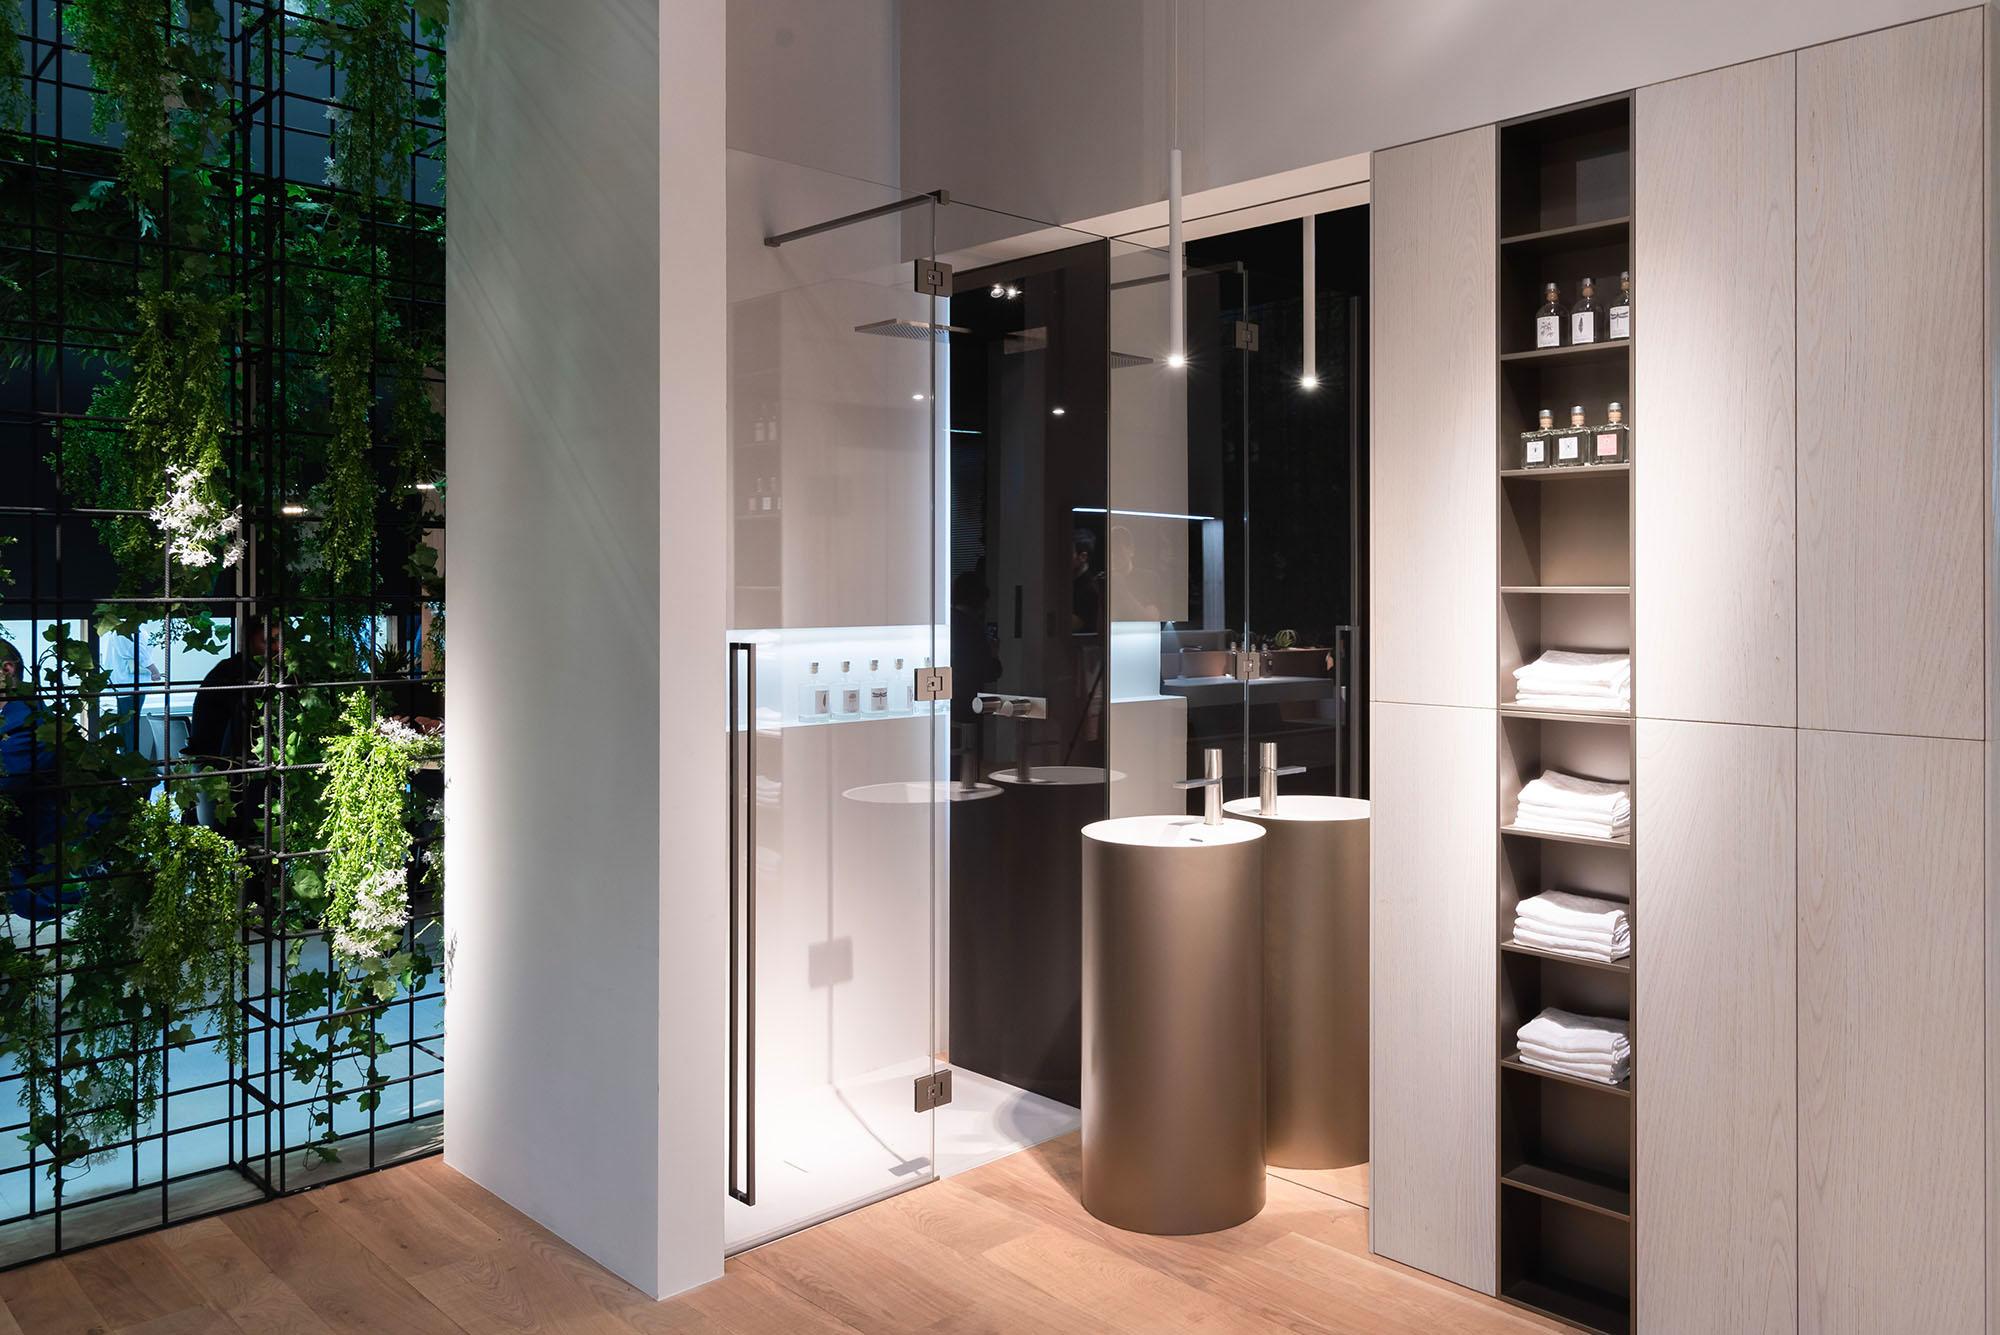 Pareti Bordeaux E Beige : Come scegliere il colore delle pareti del bagno ideagroup blog